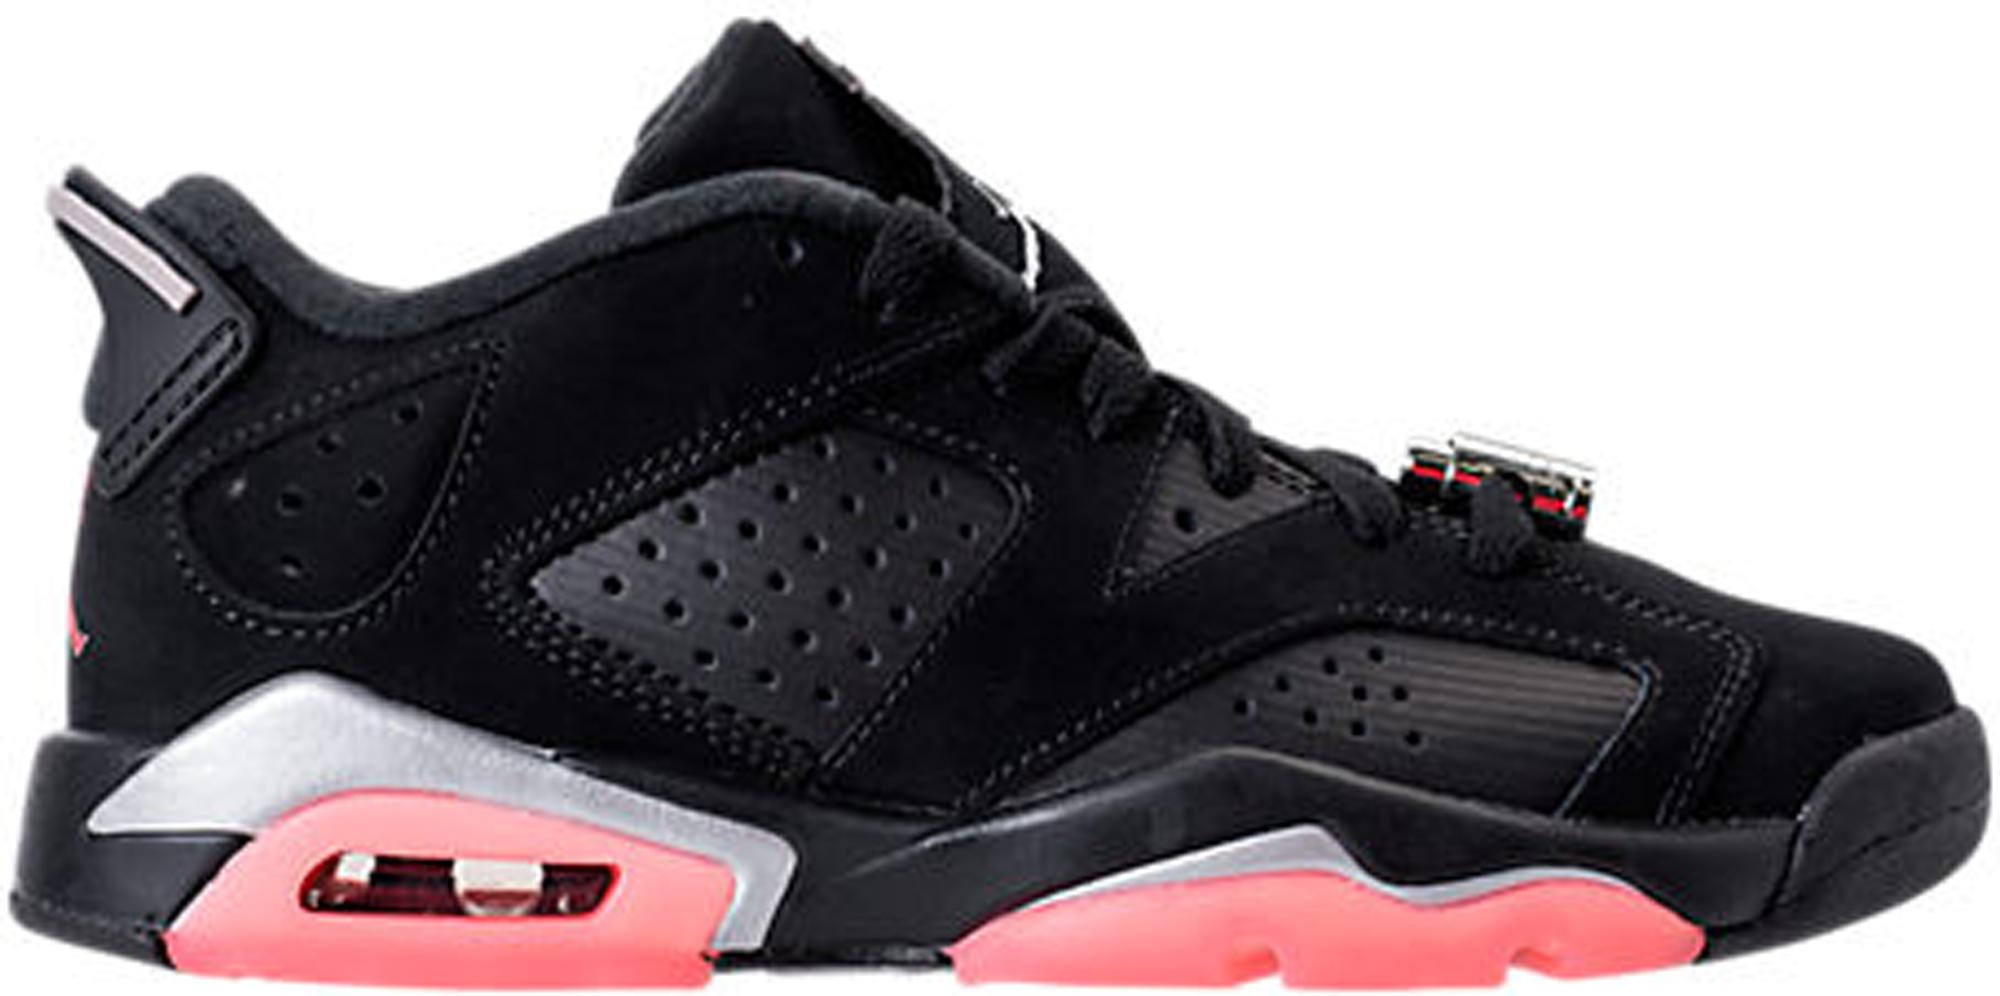 Air Jordan 6 Trading En Ligne Rétro Faible